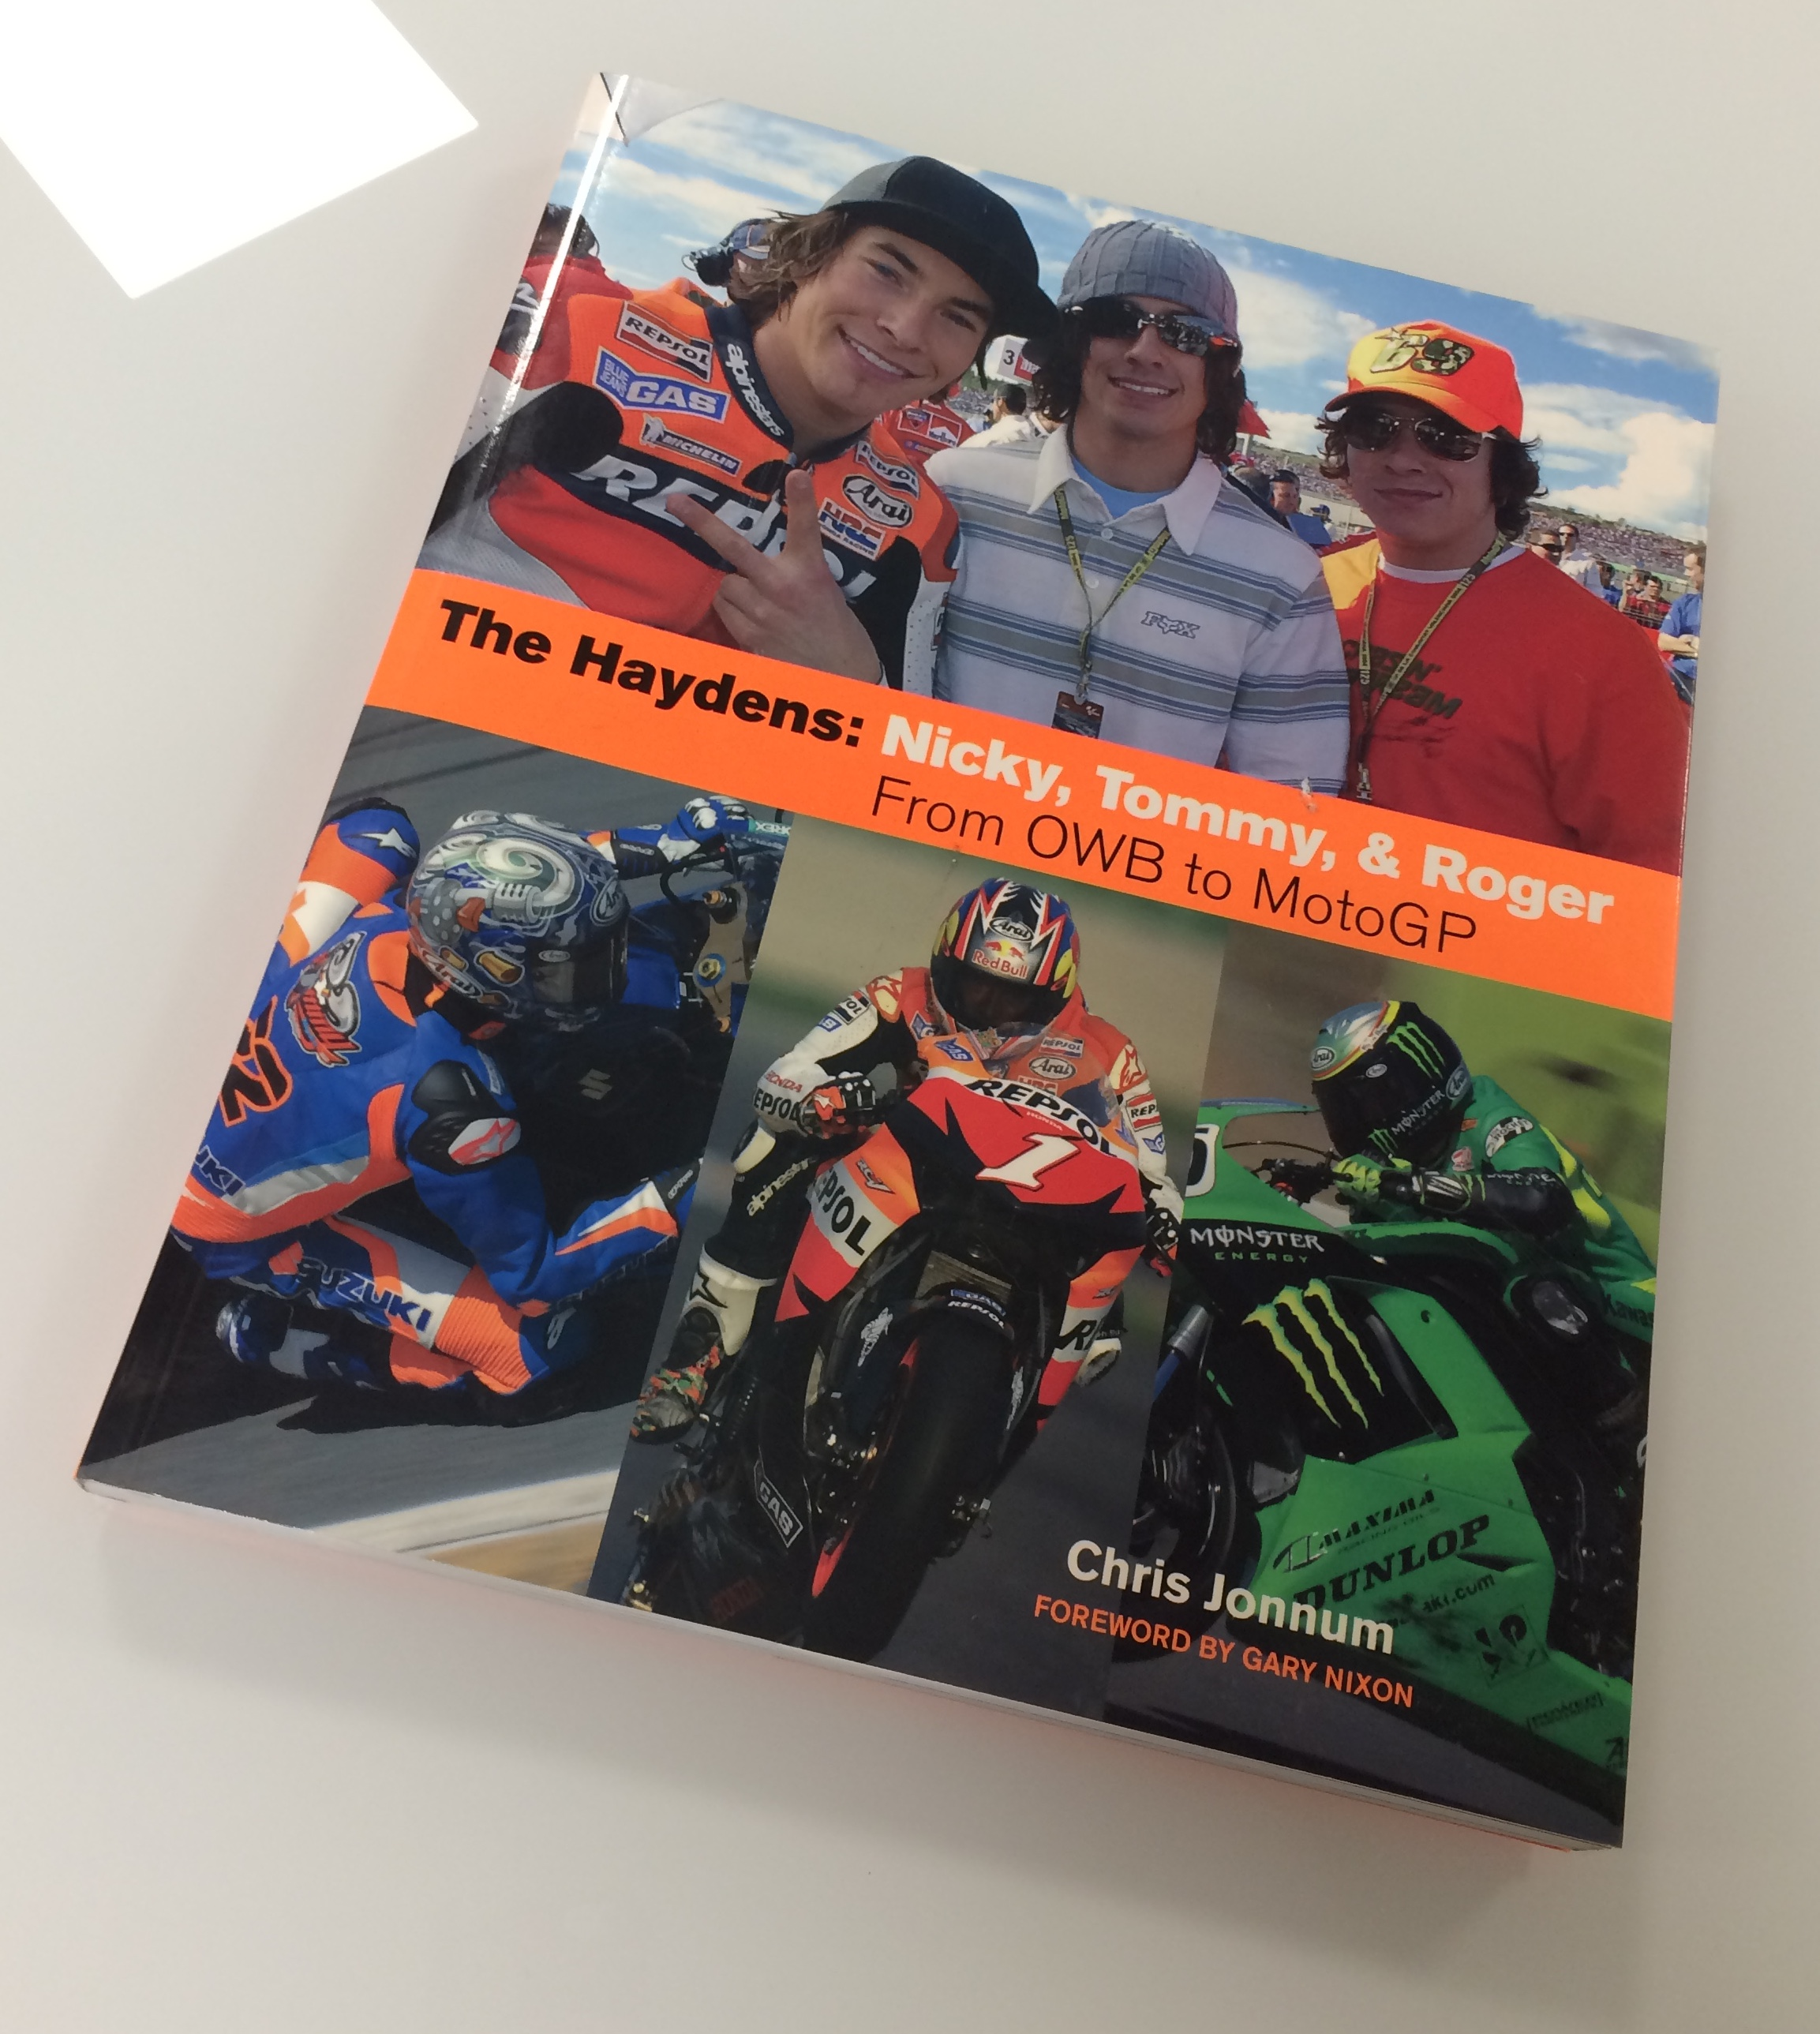 The Haydens: From OWB to MotoGP